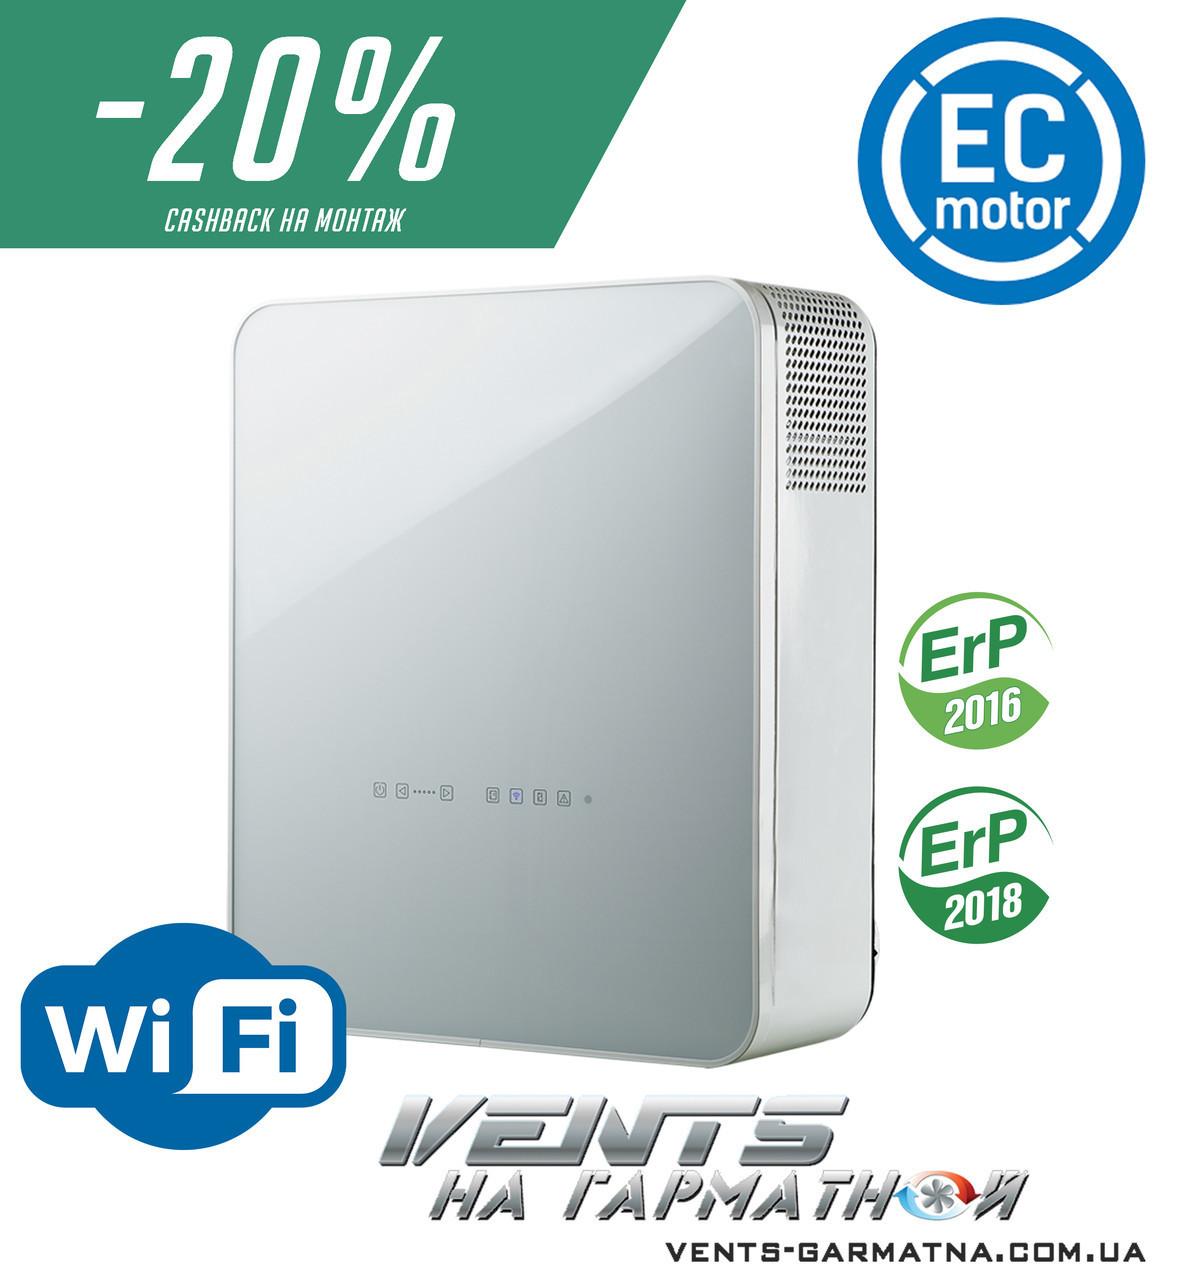 Вентс МИКРА 100 Е2 ЕРВ WiFi. Приточно-вытяжная установка с энтальпийным рекуператором, нагревателями и WiFi